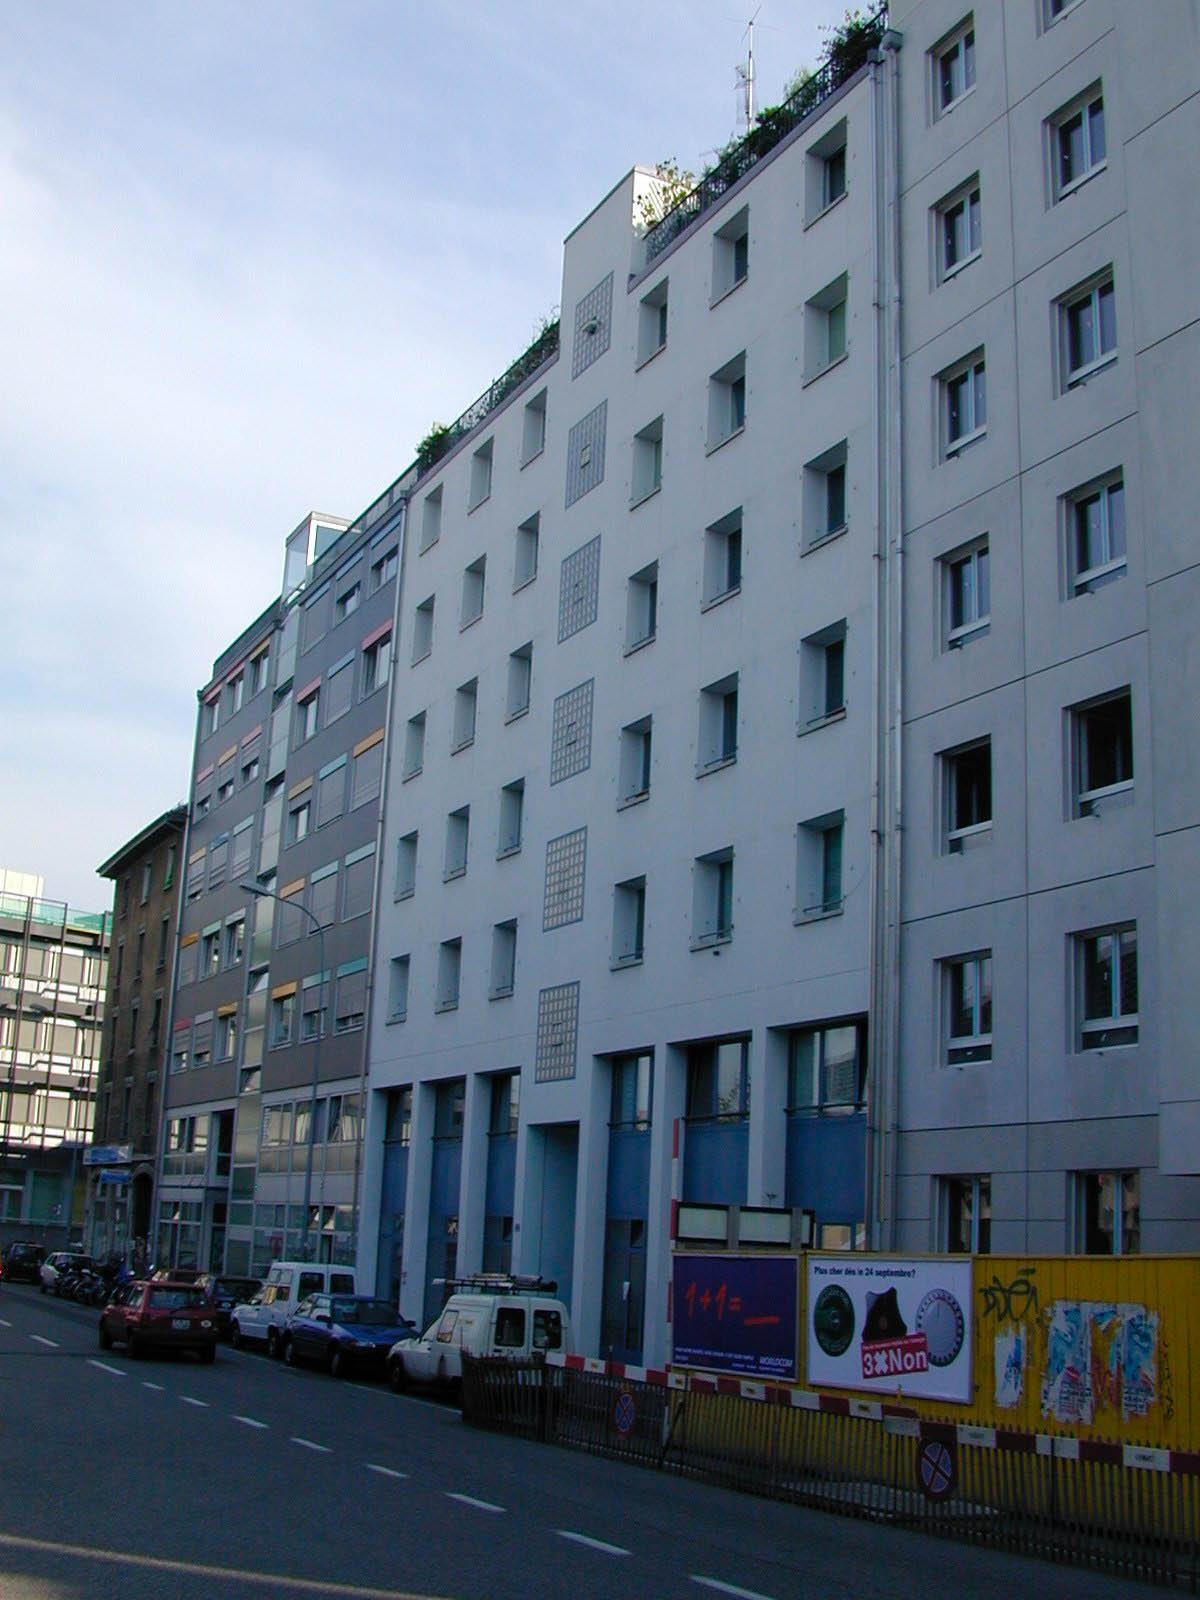 Façade de l'immeuble d'habitation de la coopérativve La Rencontre